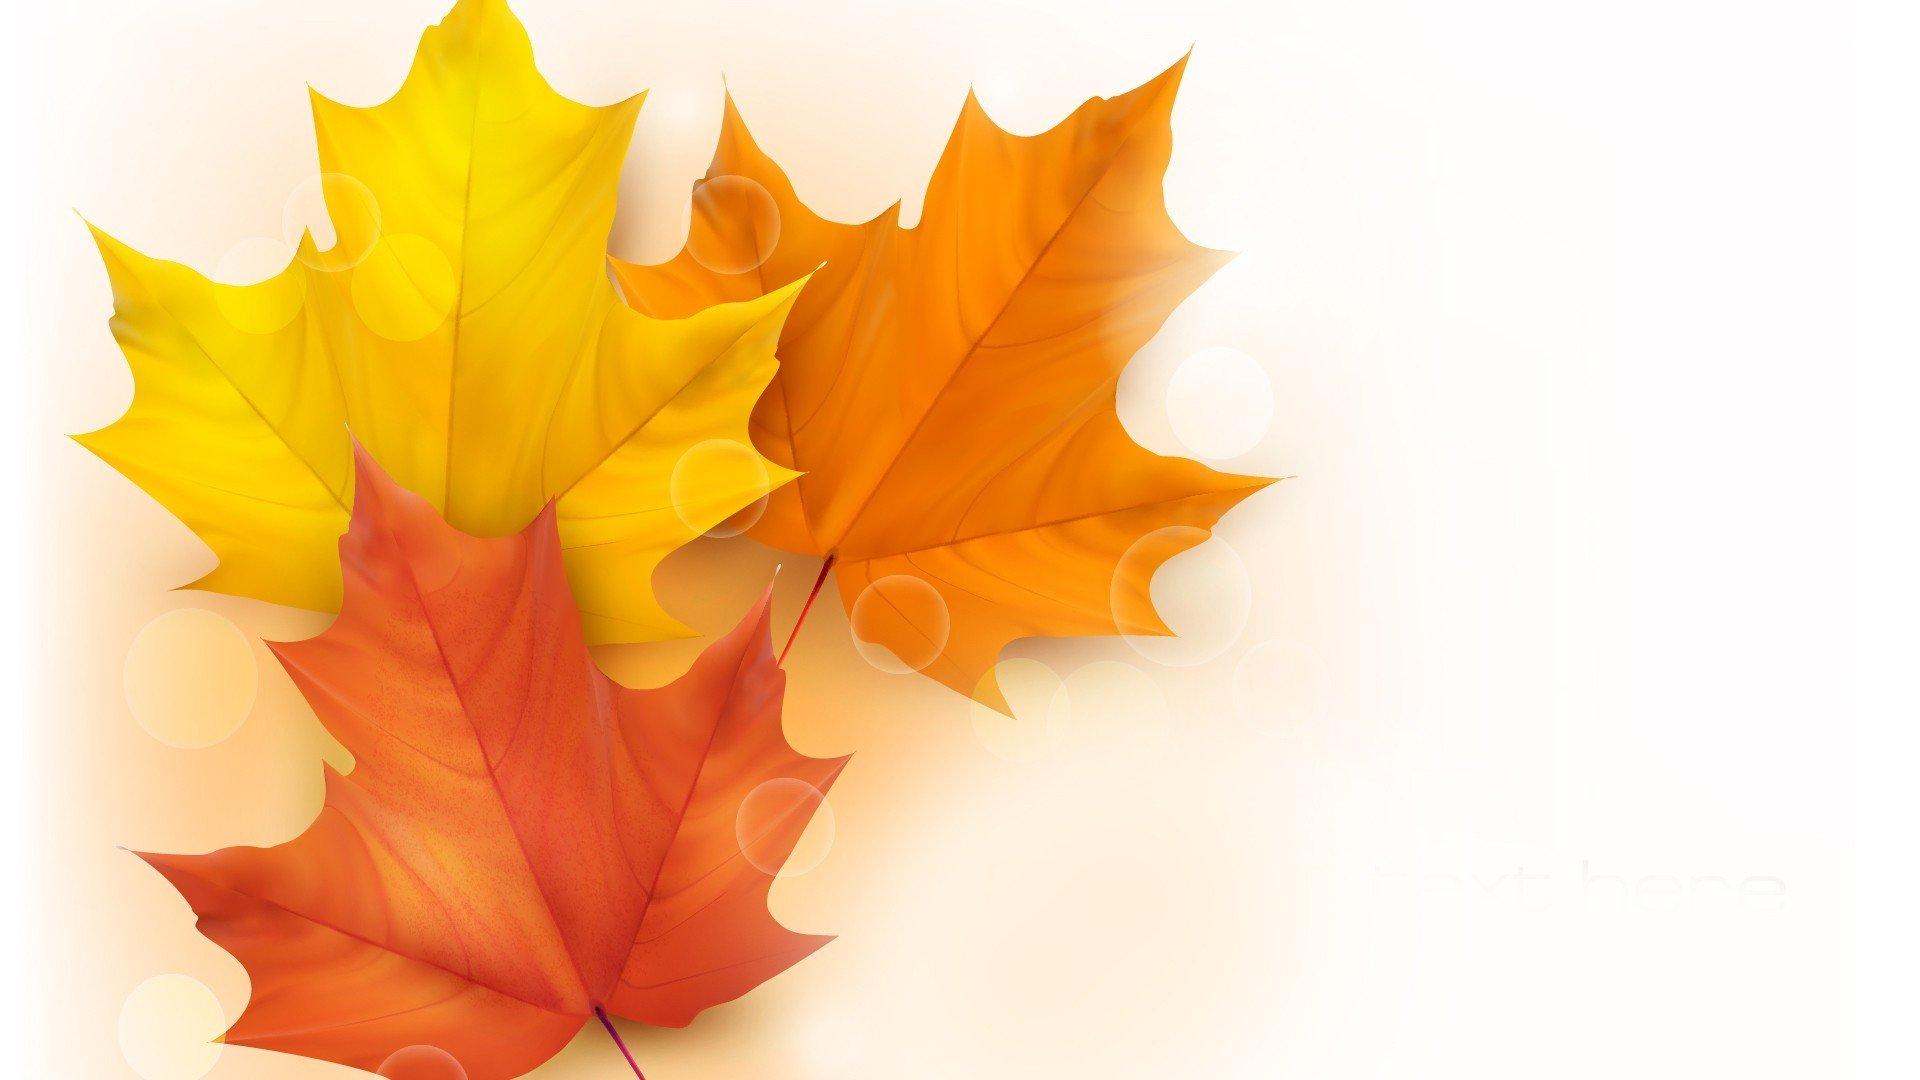 Обои осень, желтый, вектор. Минимализм foto 15